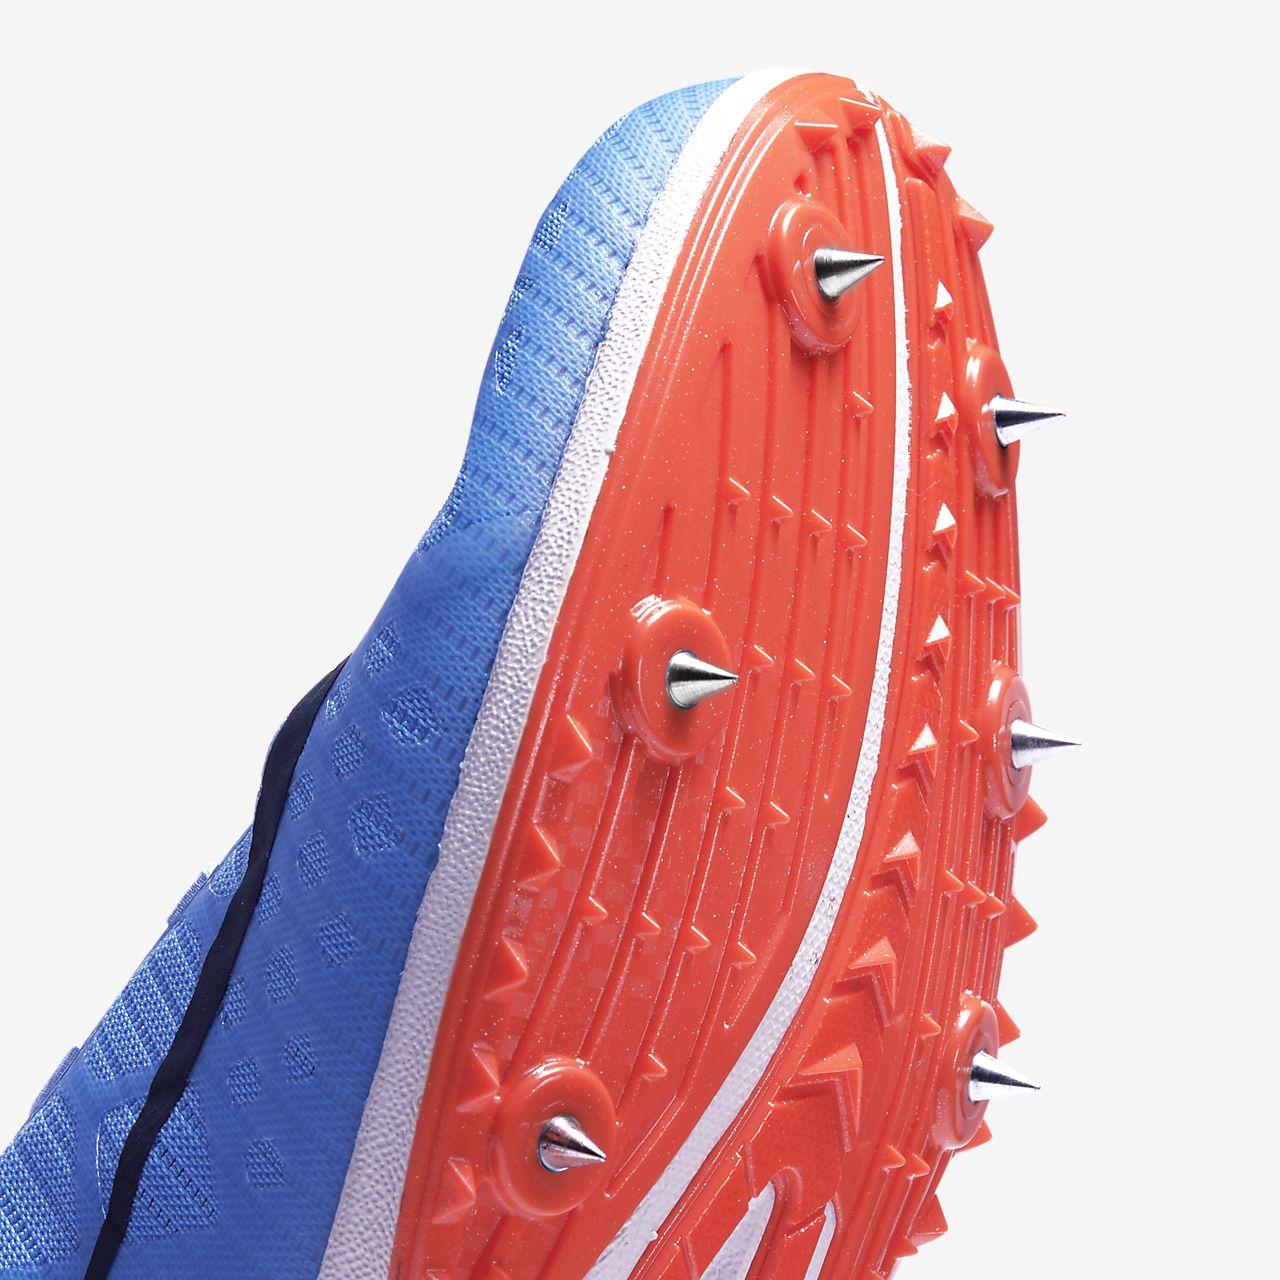 Nike Zoom Mamba 3 Unisex-Langstreckenlaufschuh